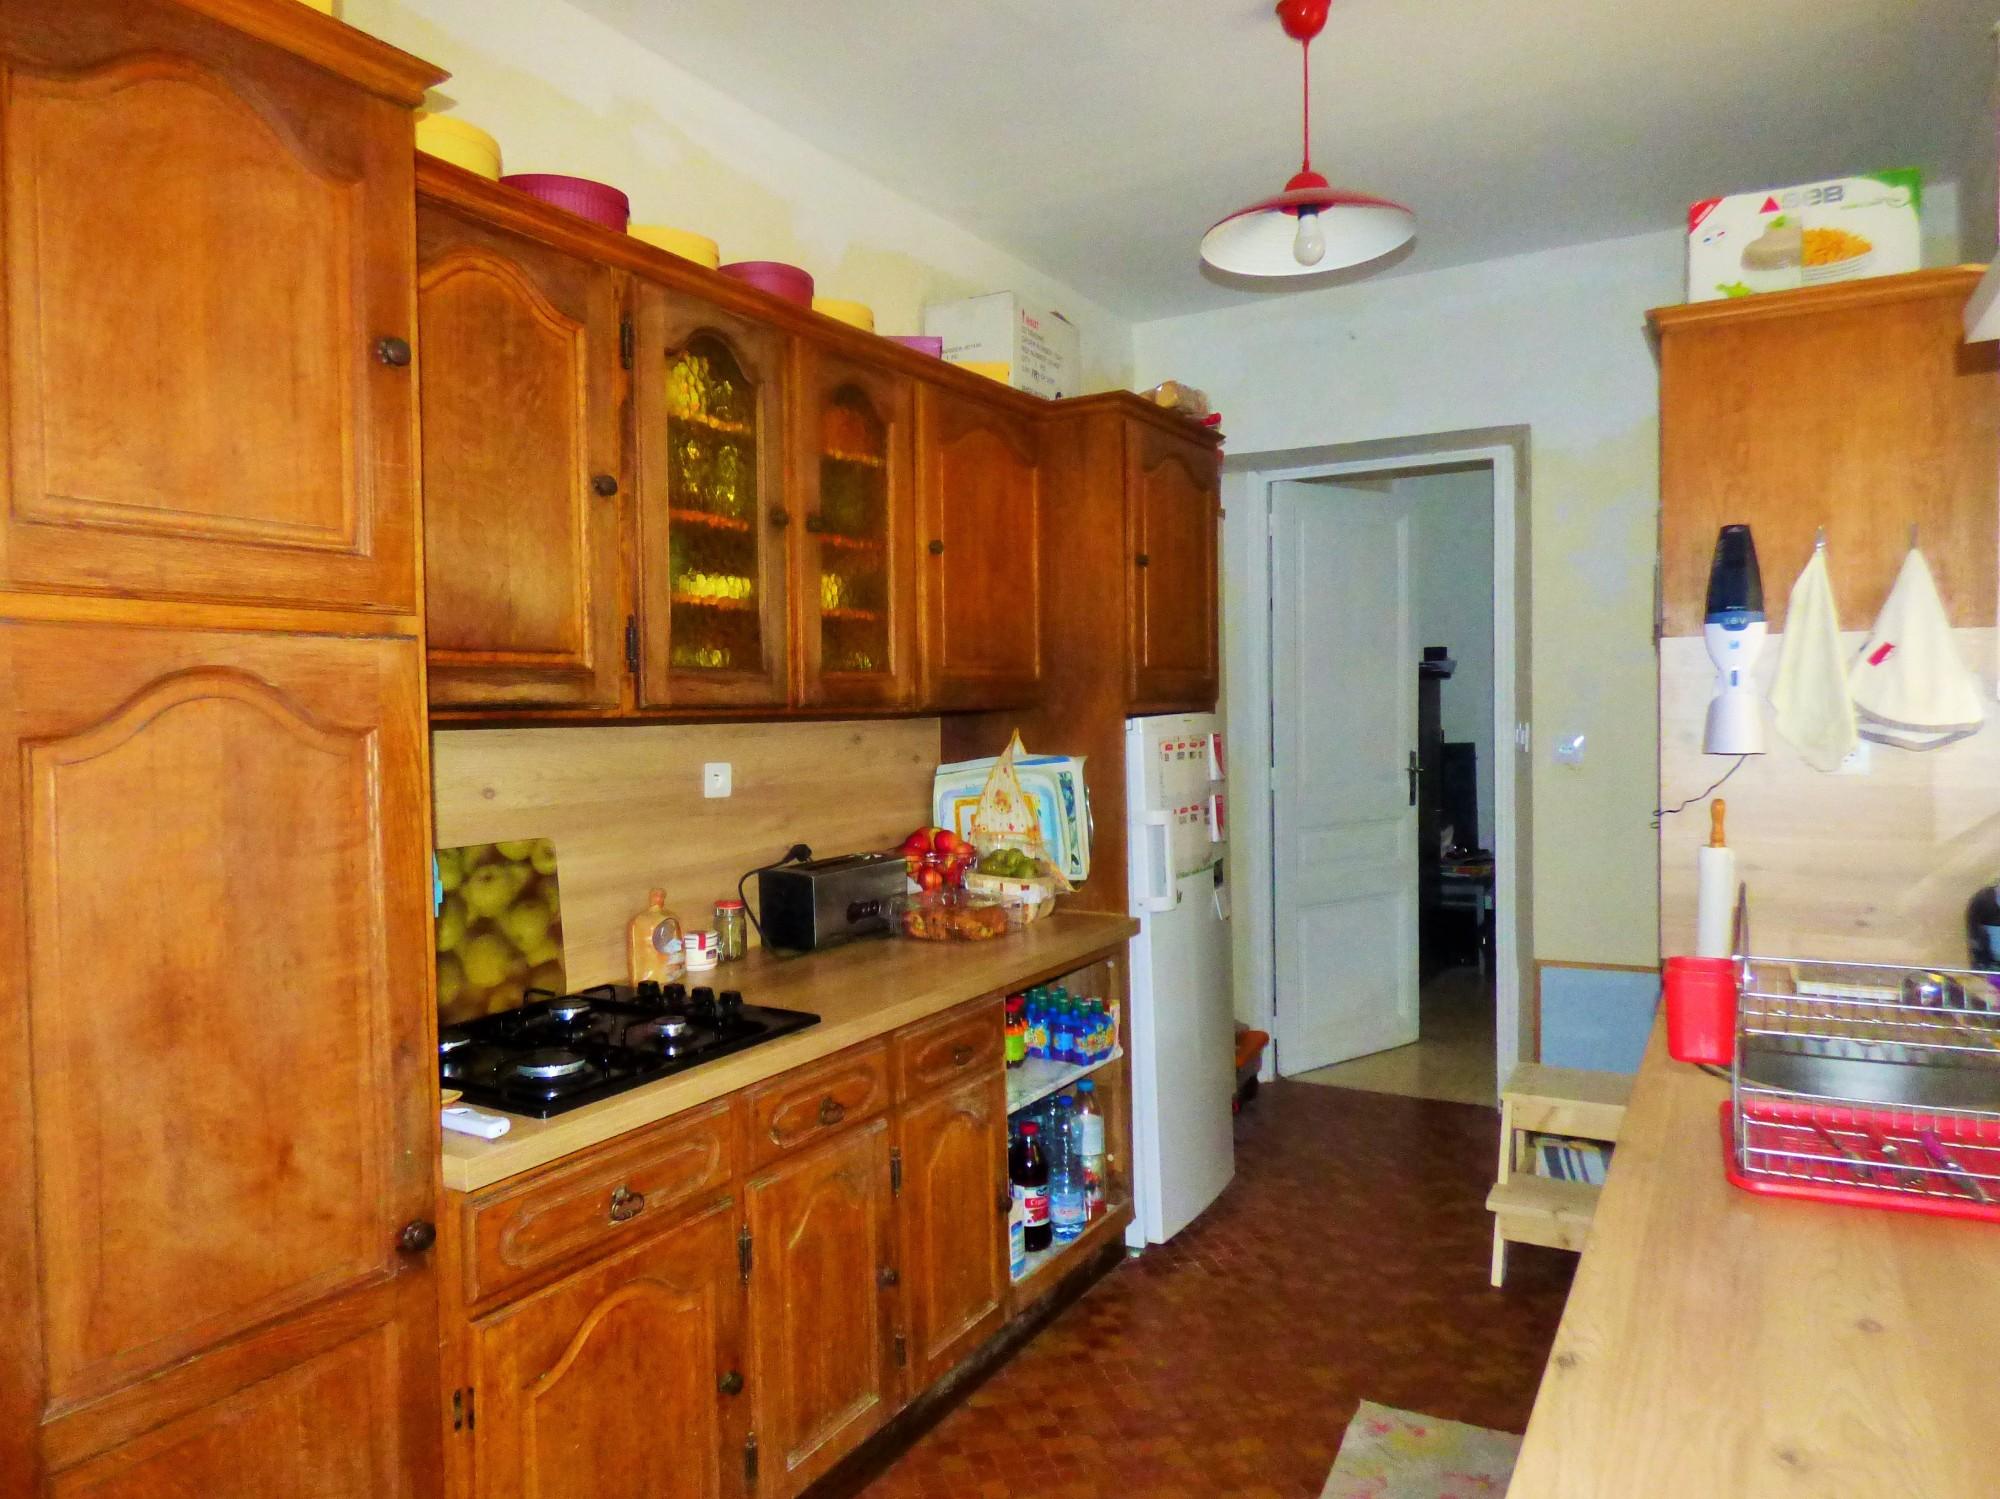 A vendre, jolie maison de maître, 150 m² hab., beaux volumes, sur sous-sol complet et garage, située à Elbeuf sur Seine 76500, sur 535 m² de terrain clos